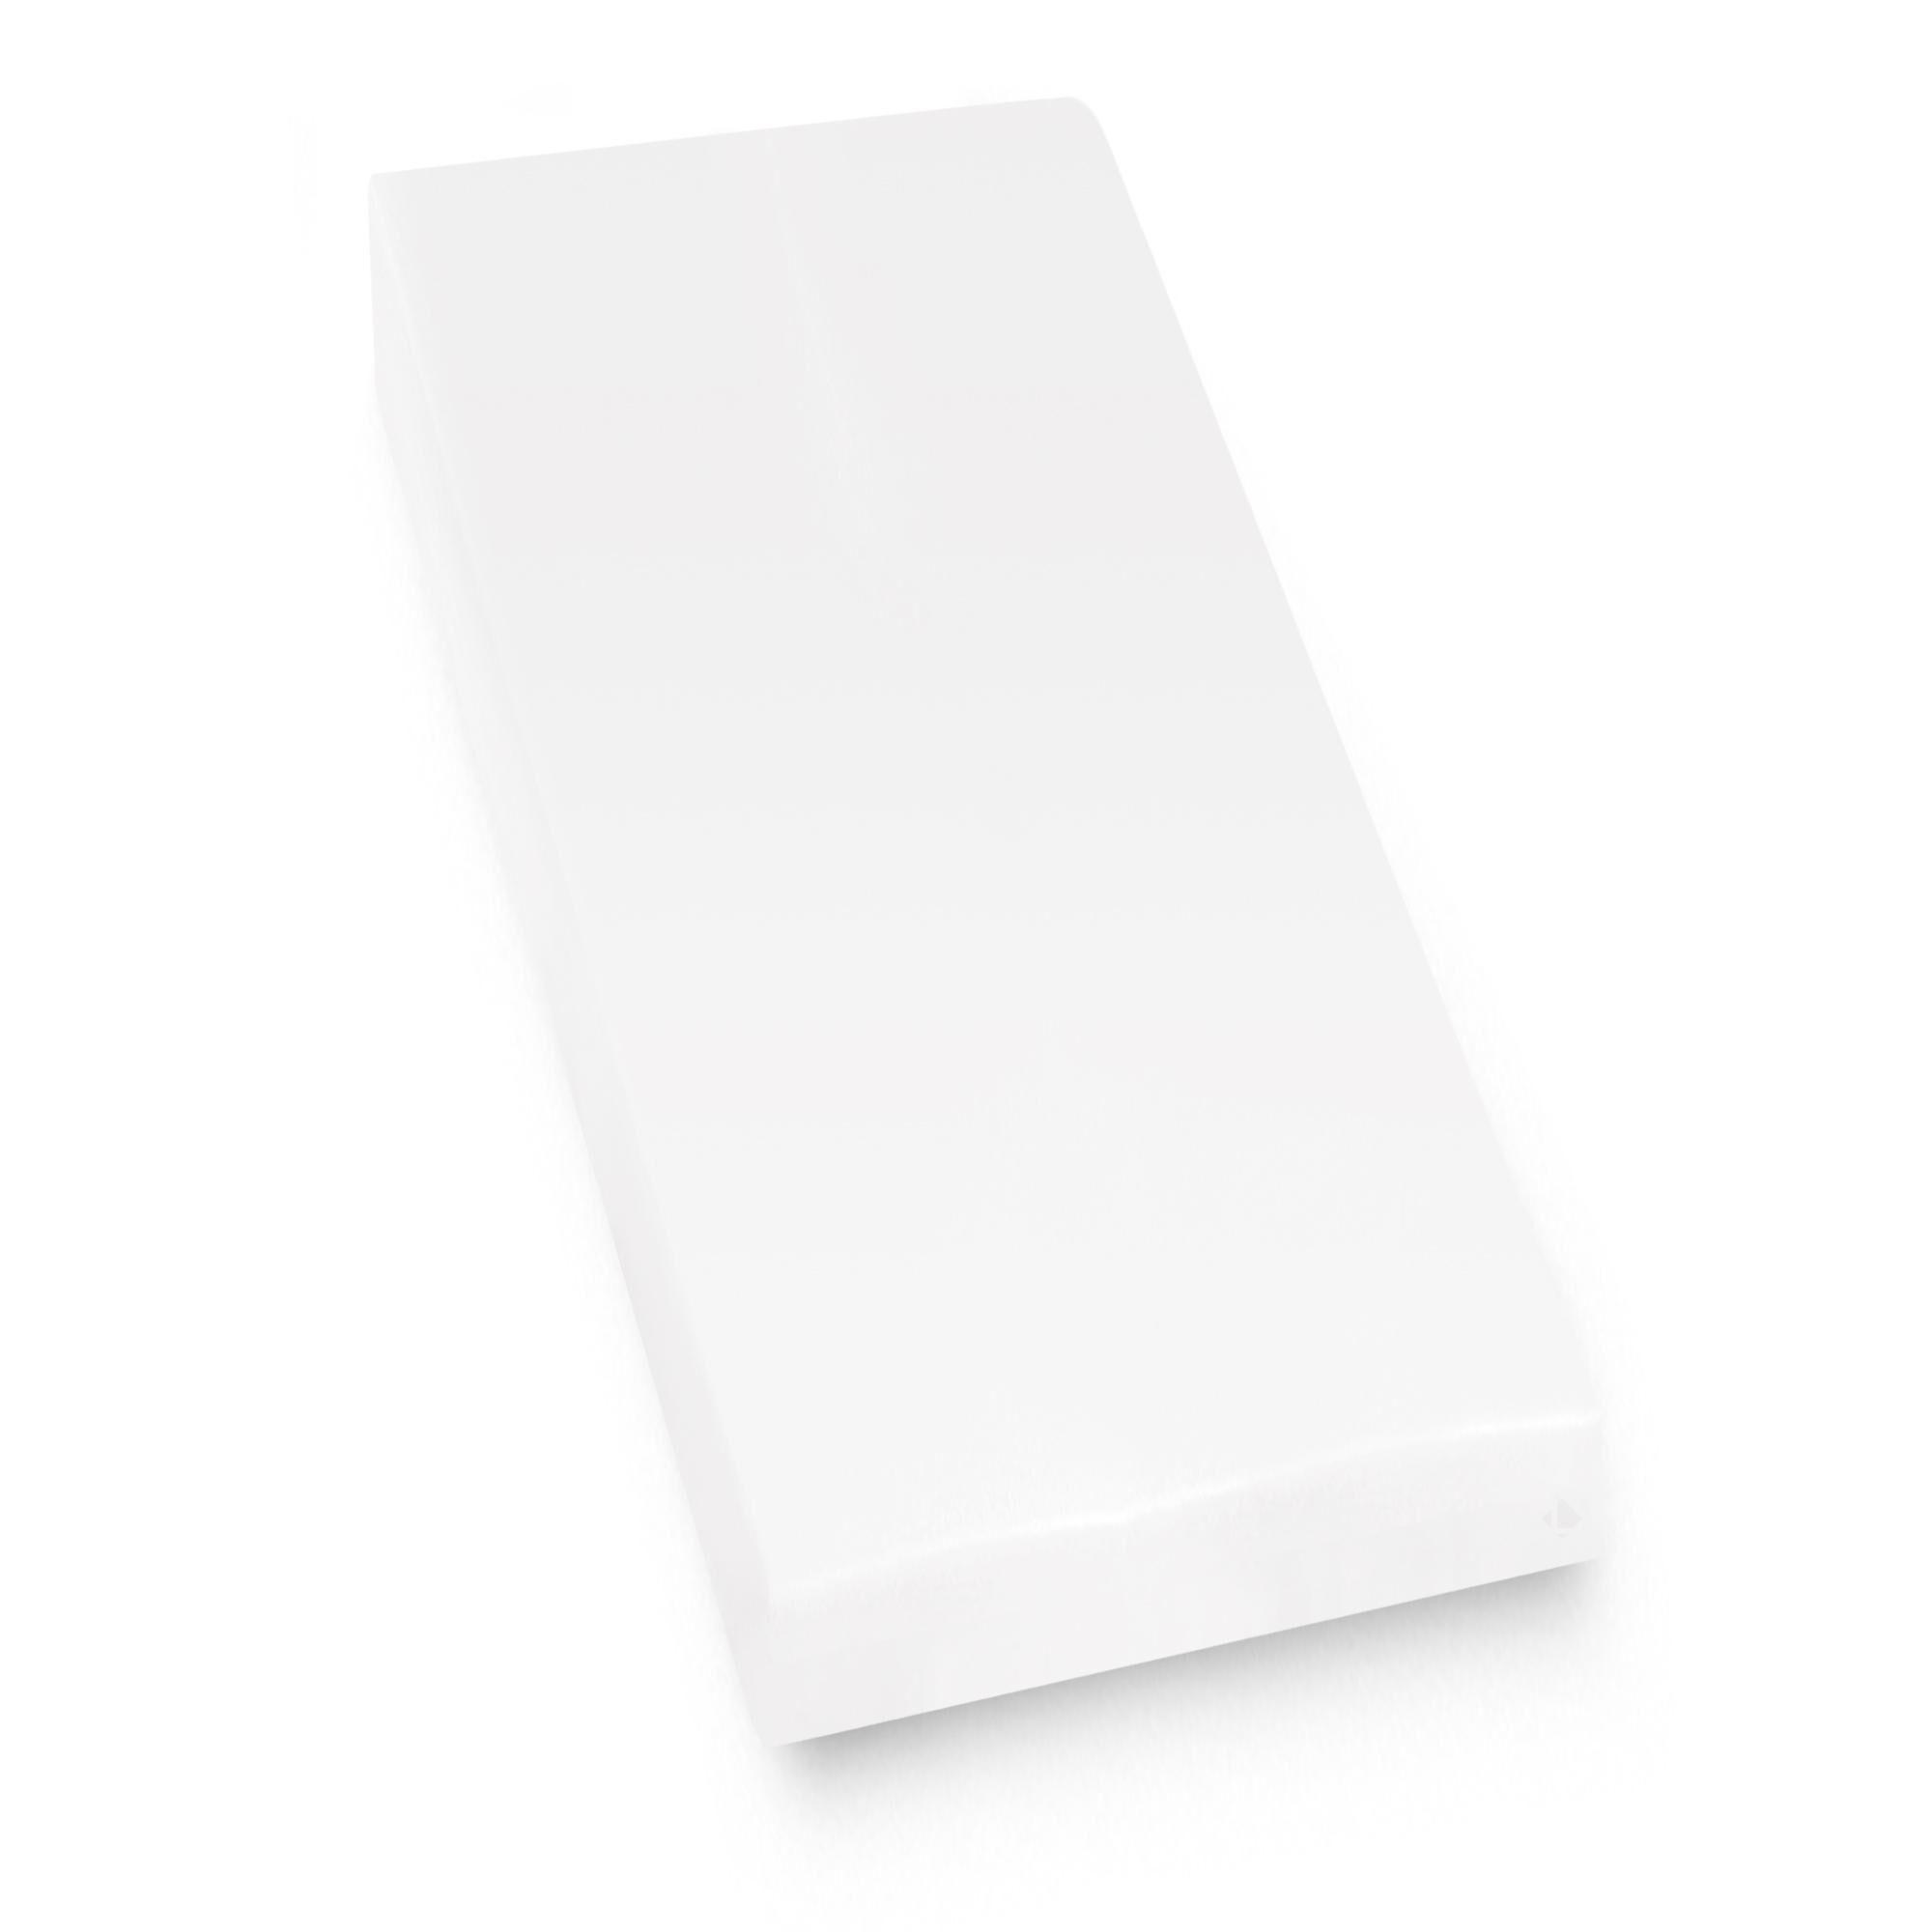 Linnea Protège matelas imperméable 80x220 cm bonnet 40cm ARNON molleton 100% coton contrecollé polyuréthane